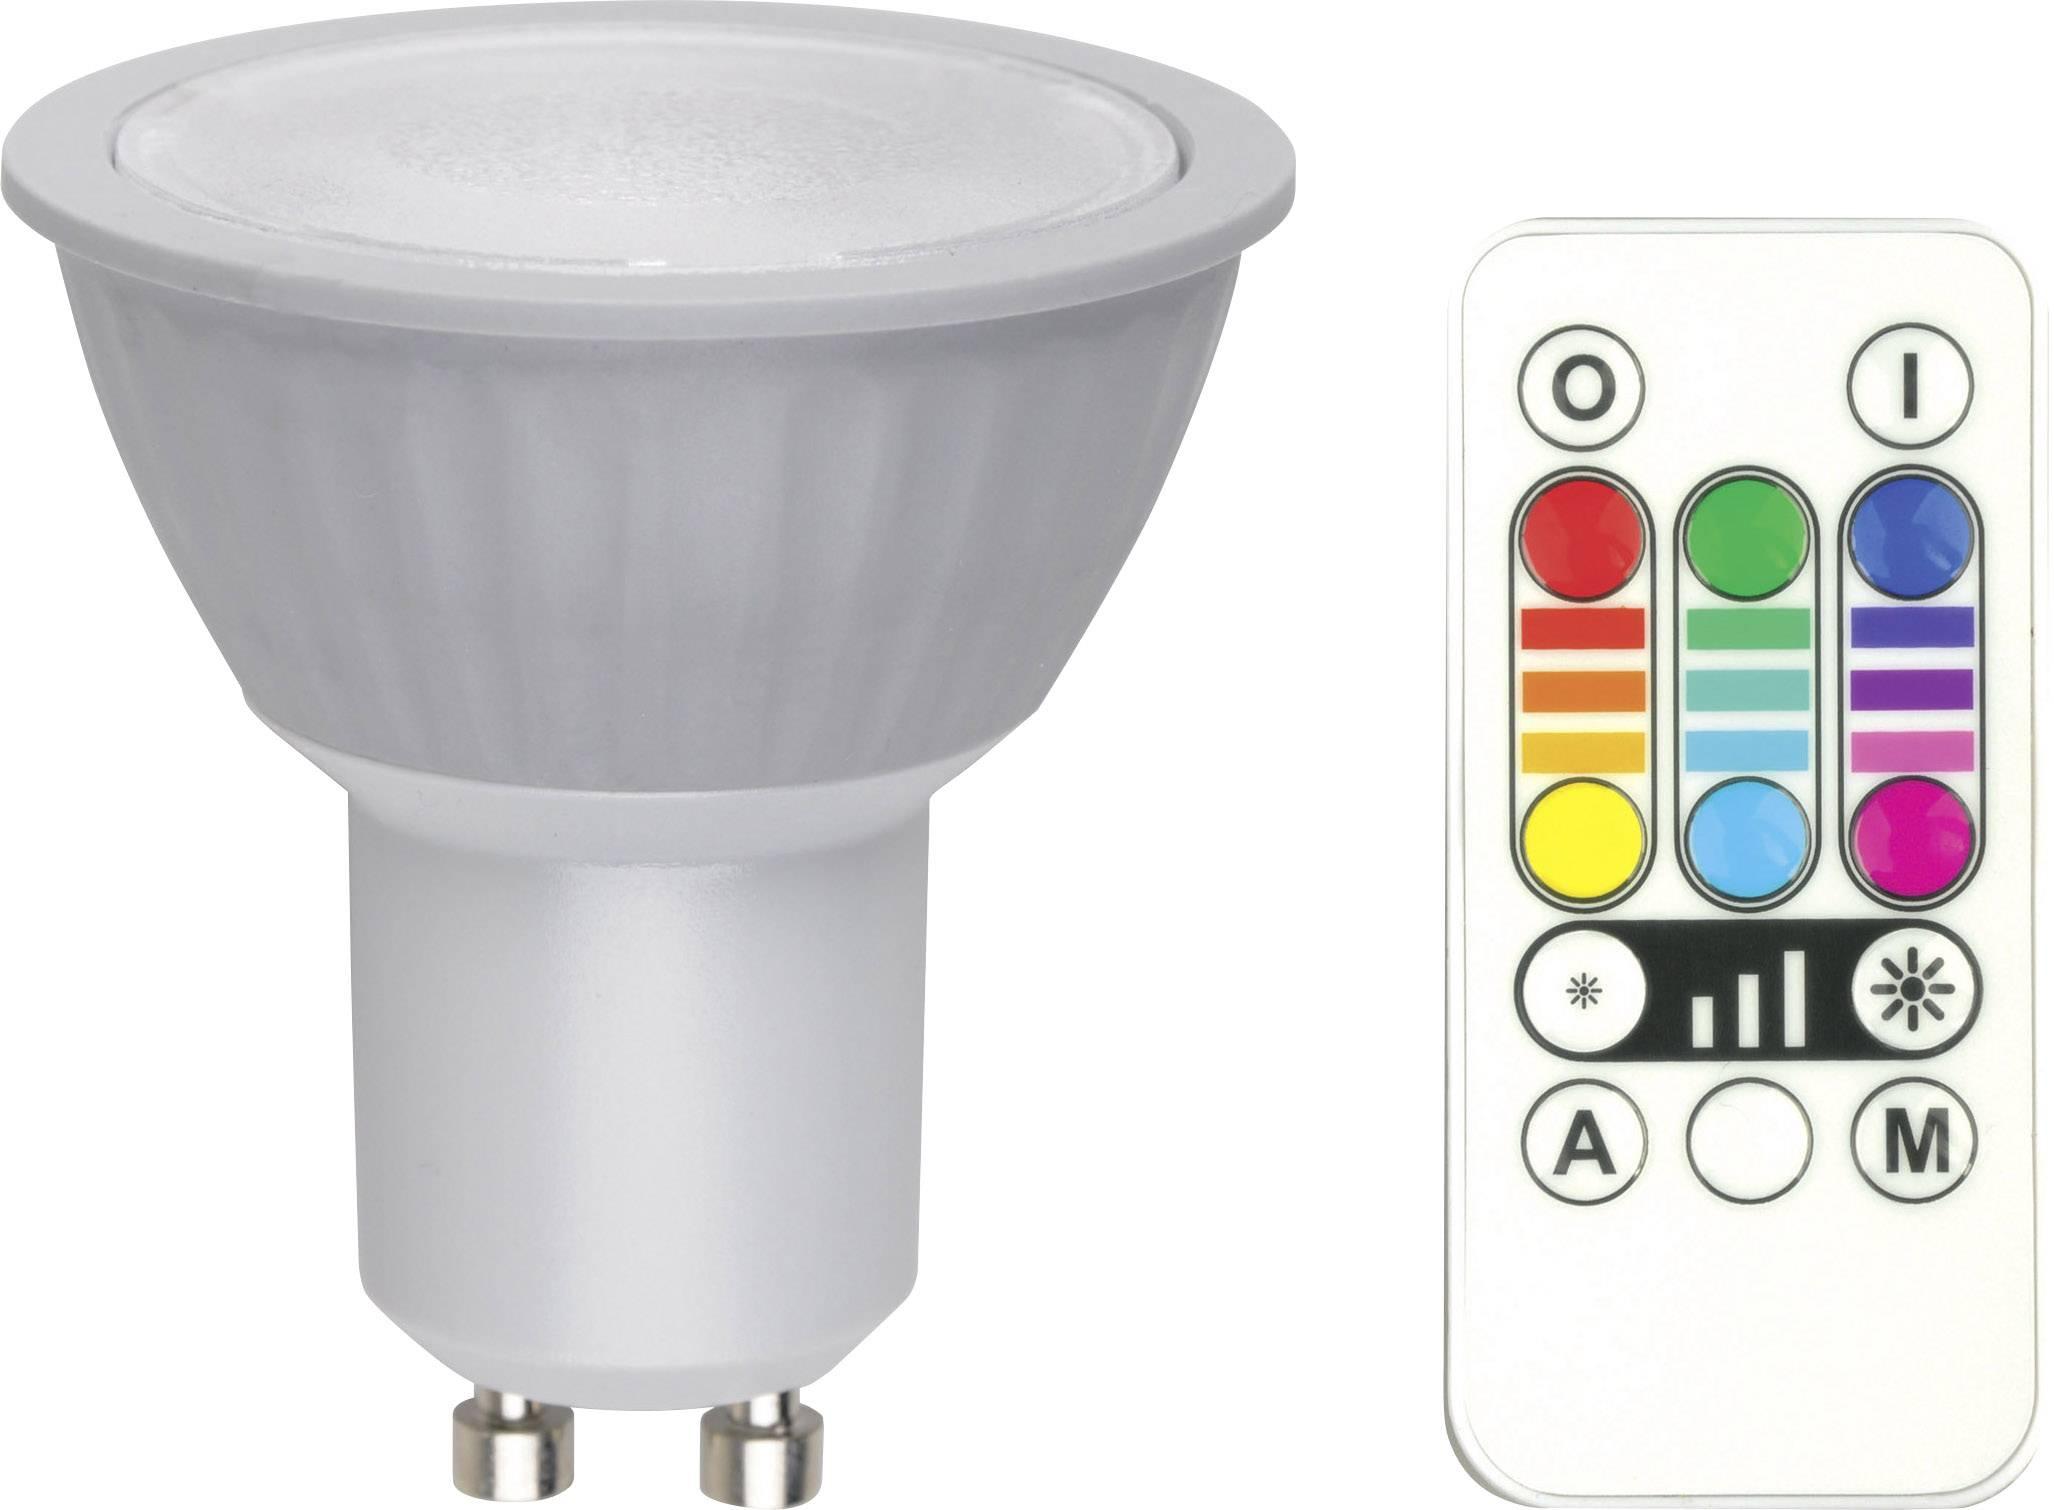 Zelfklevende Led Lampen : Led verlichting